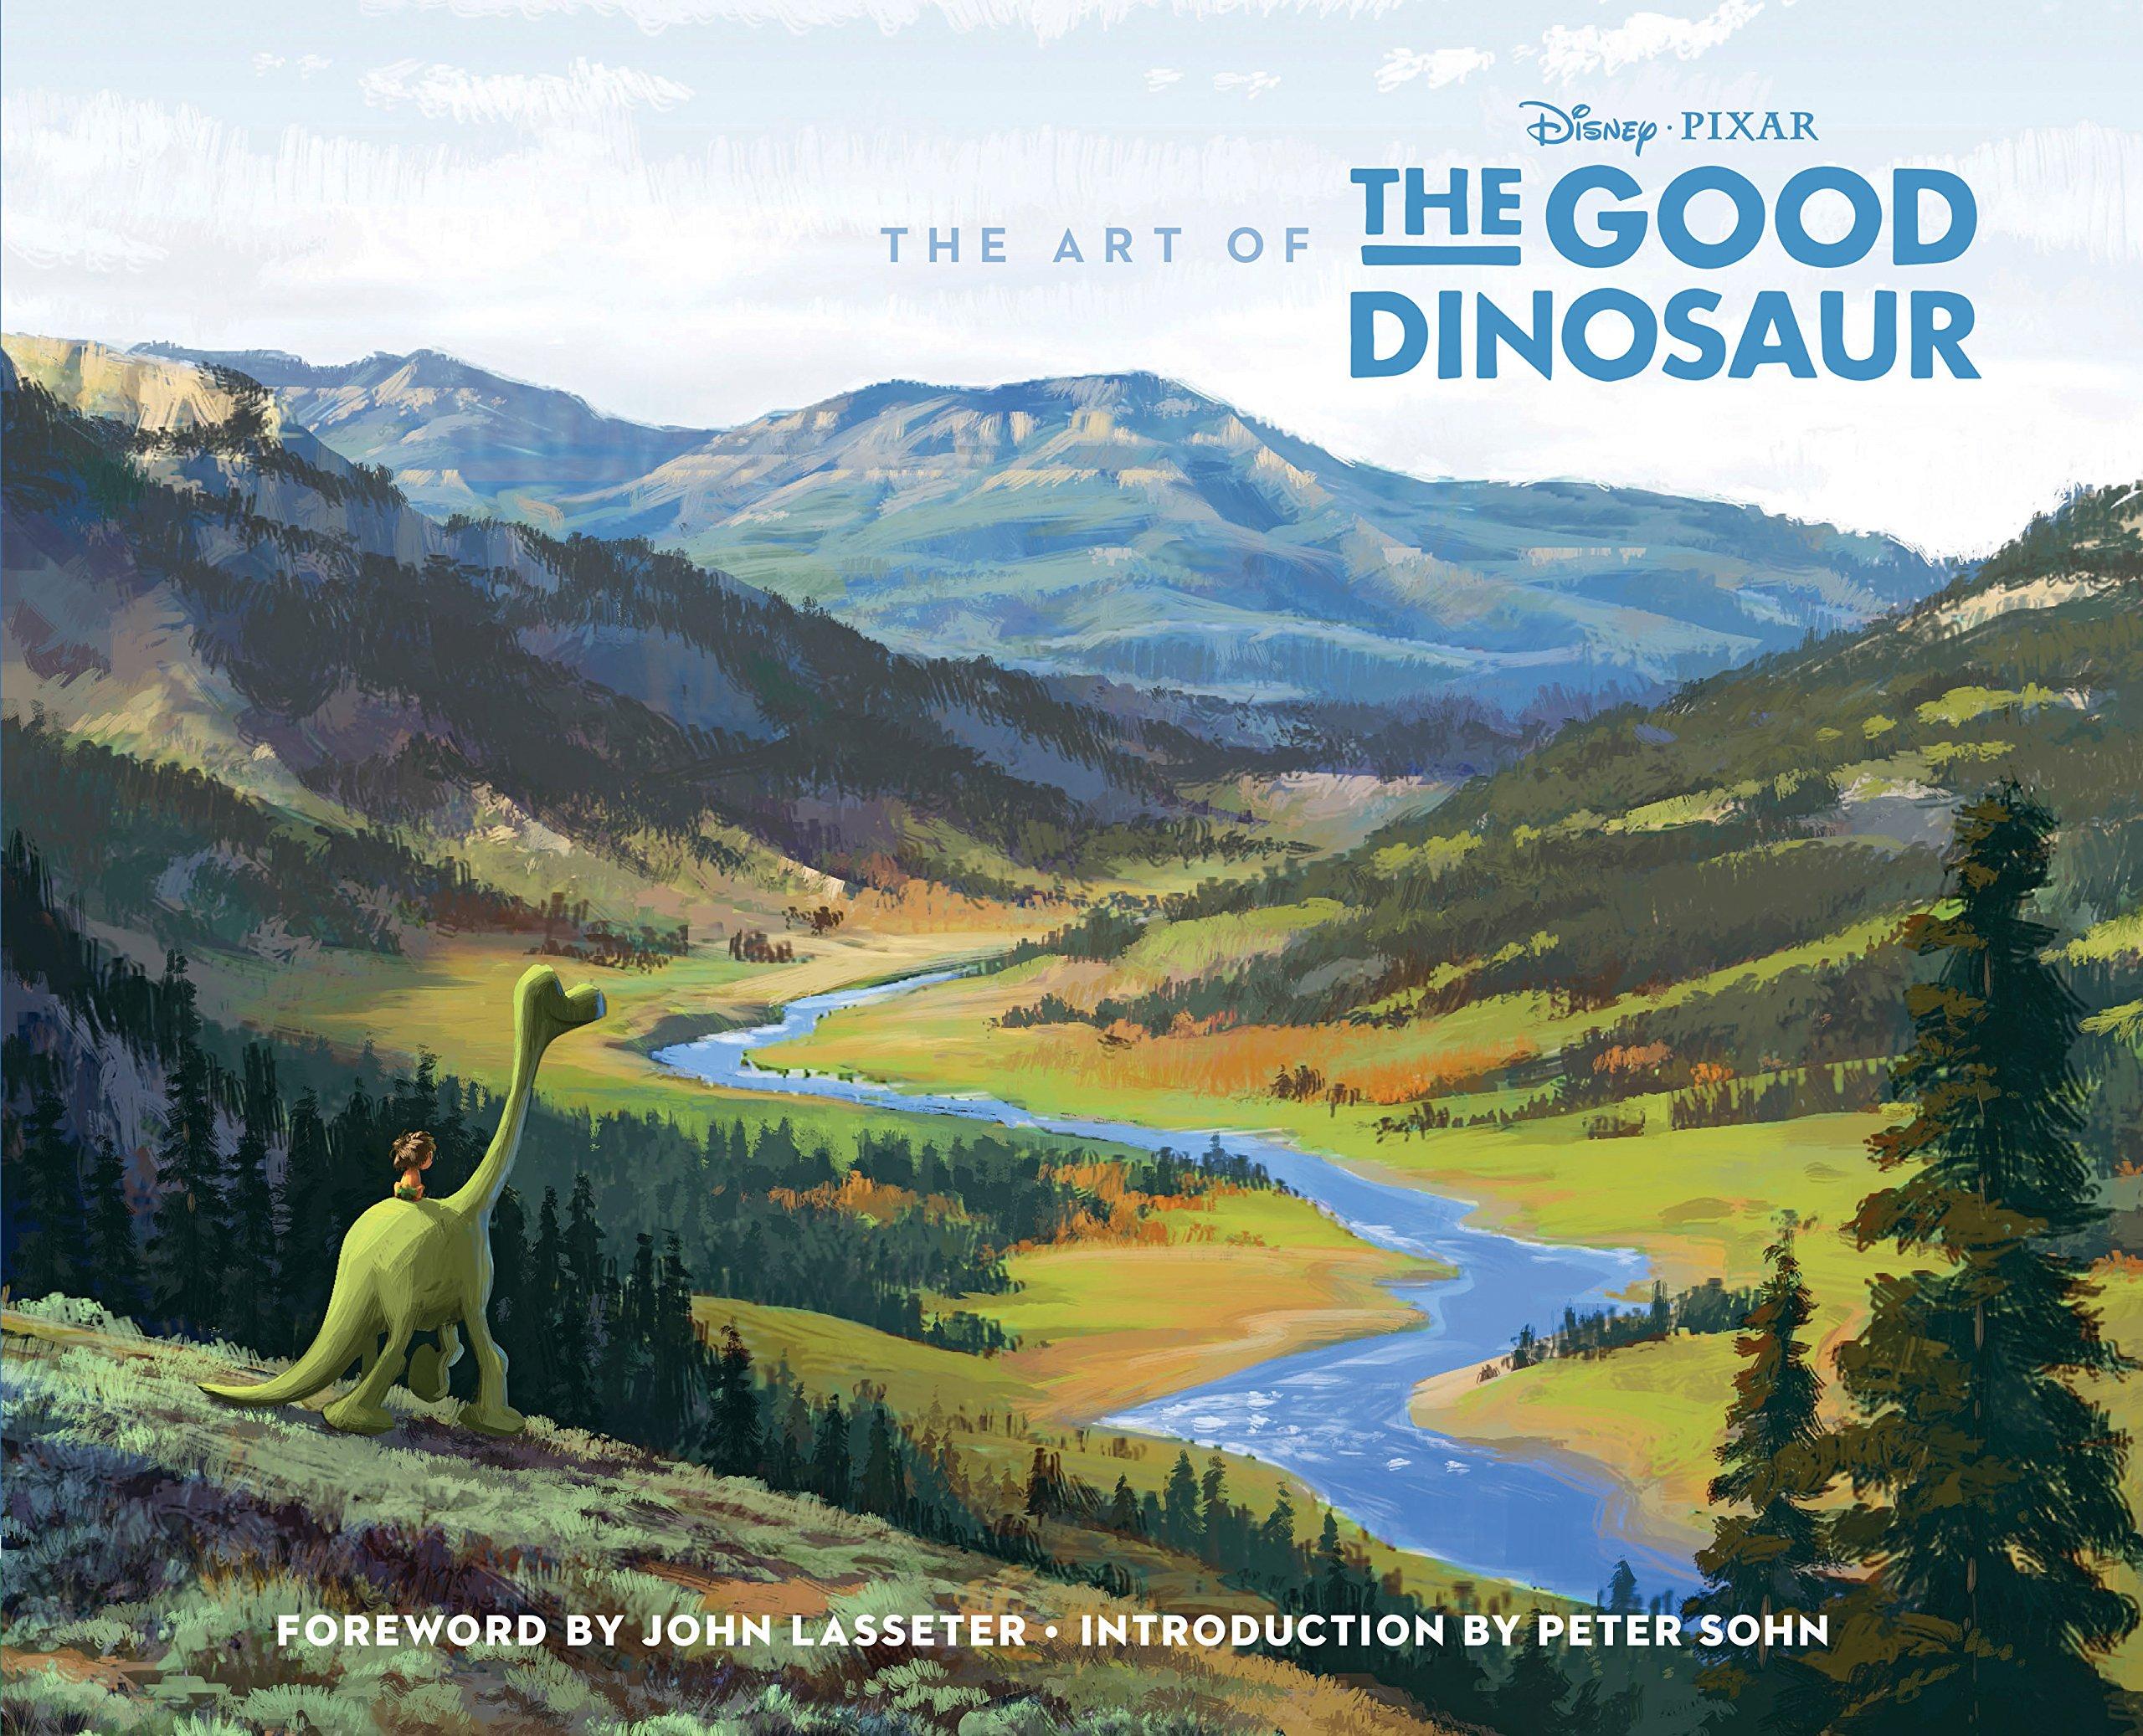 art-of-good-dinosaur-01